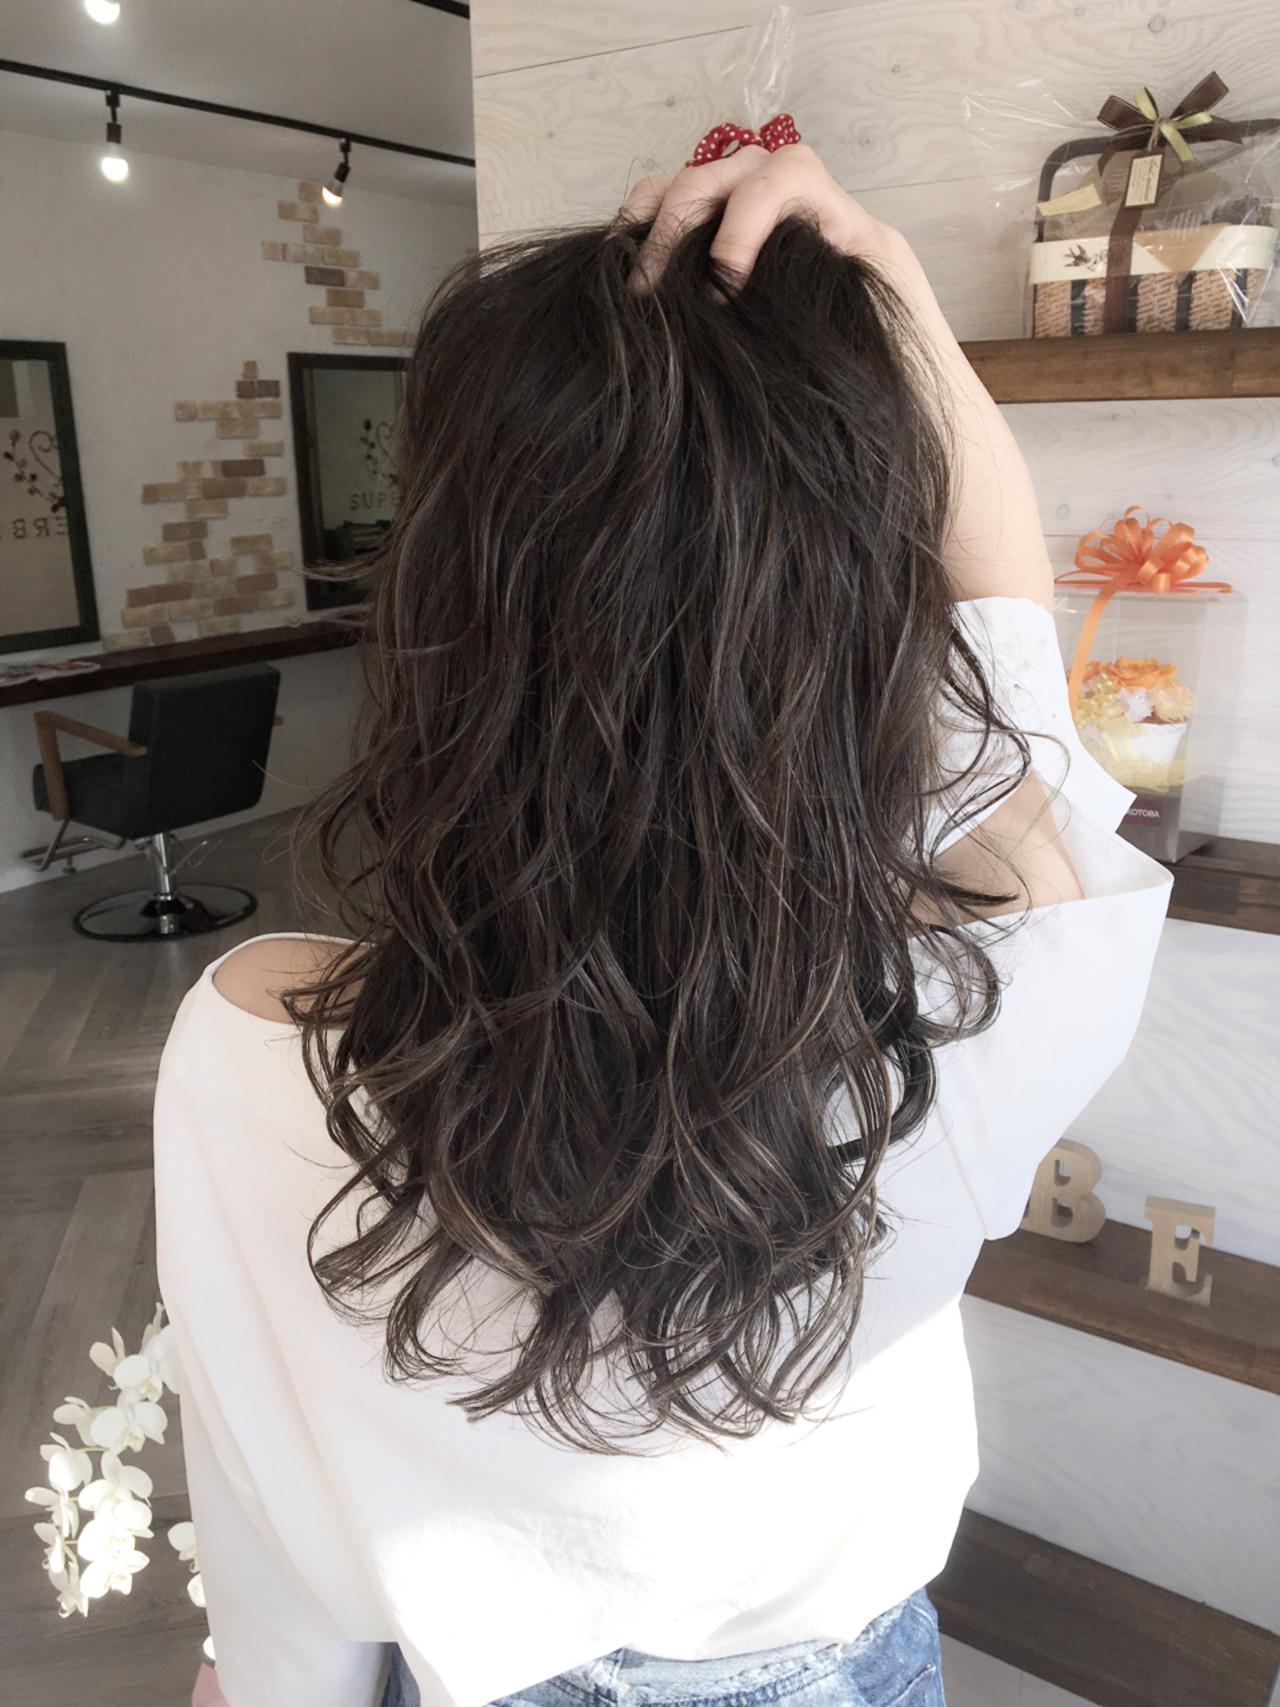 セミロング モード イルミナカラー 外国人風 ヘアスタイルや髪型の写真・画像 | 友木 清貴 / SUPERBE